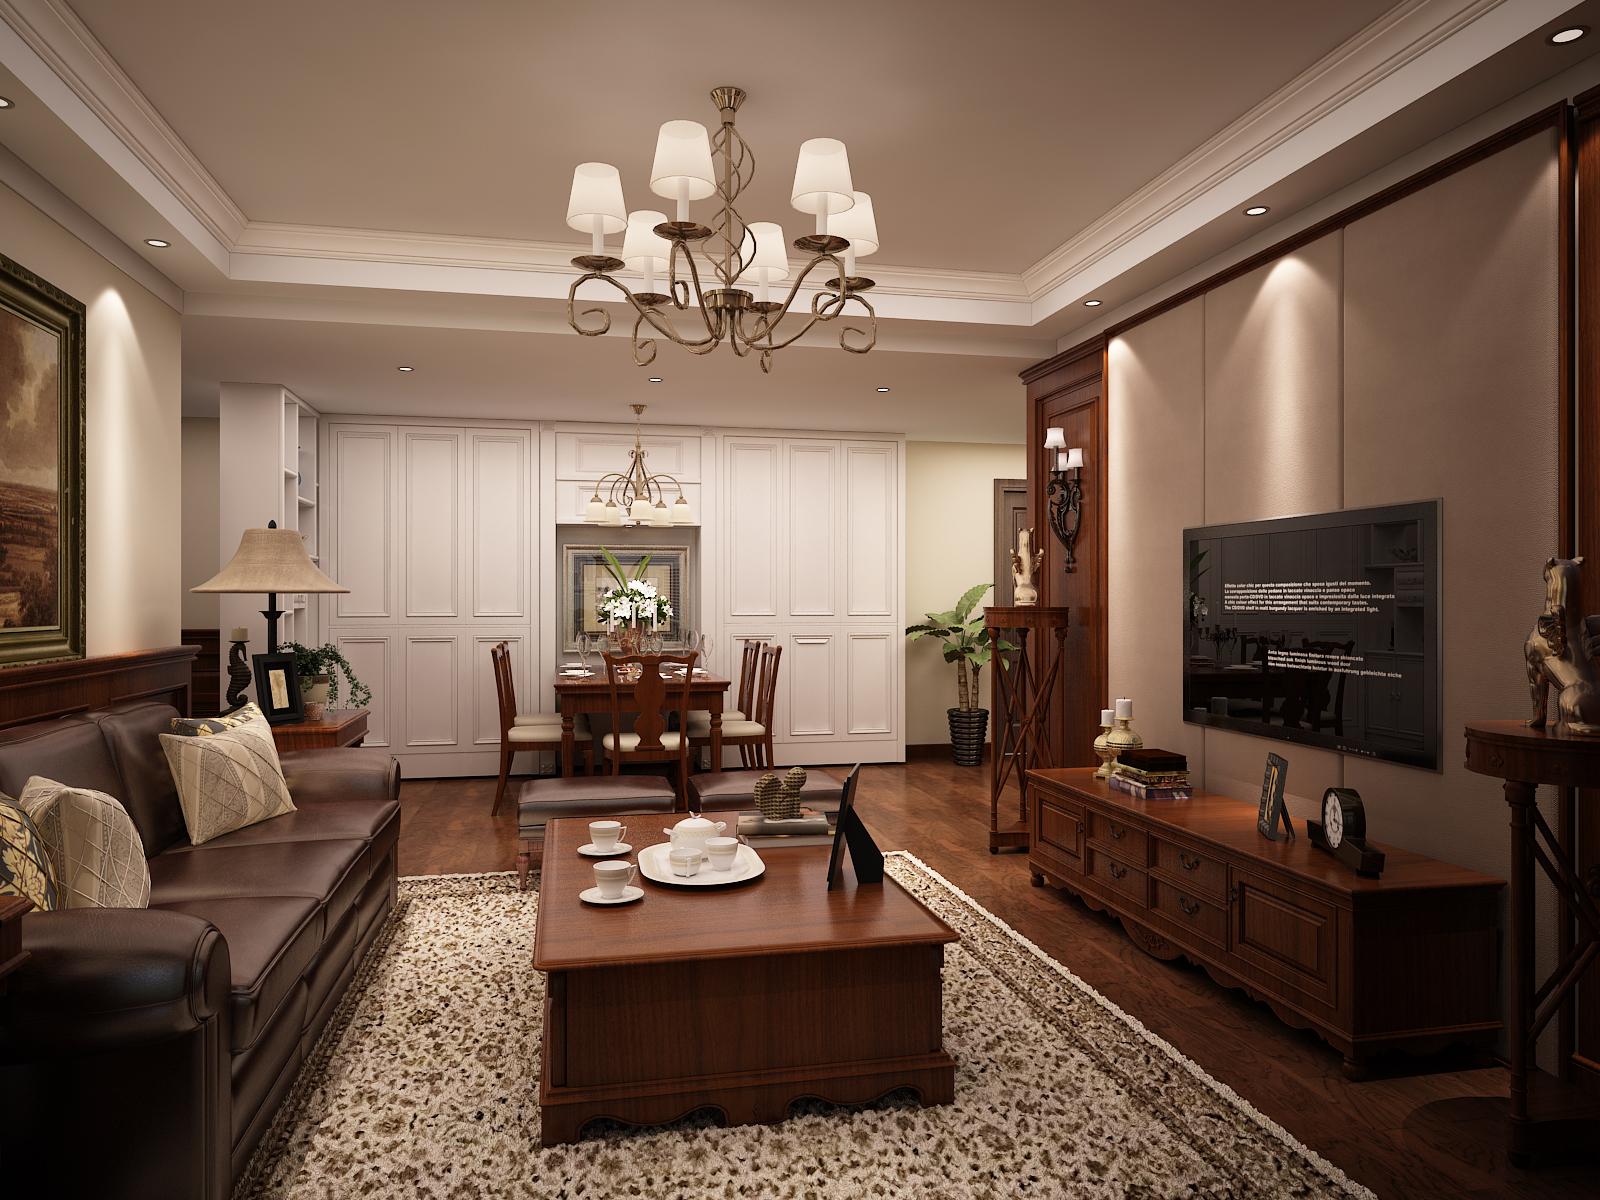 美式 家具 客餐厅 卧室 金色堤岸 客厅图片来自兰州实创装饰香香在金色堤岸 美式风格的分享